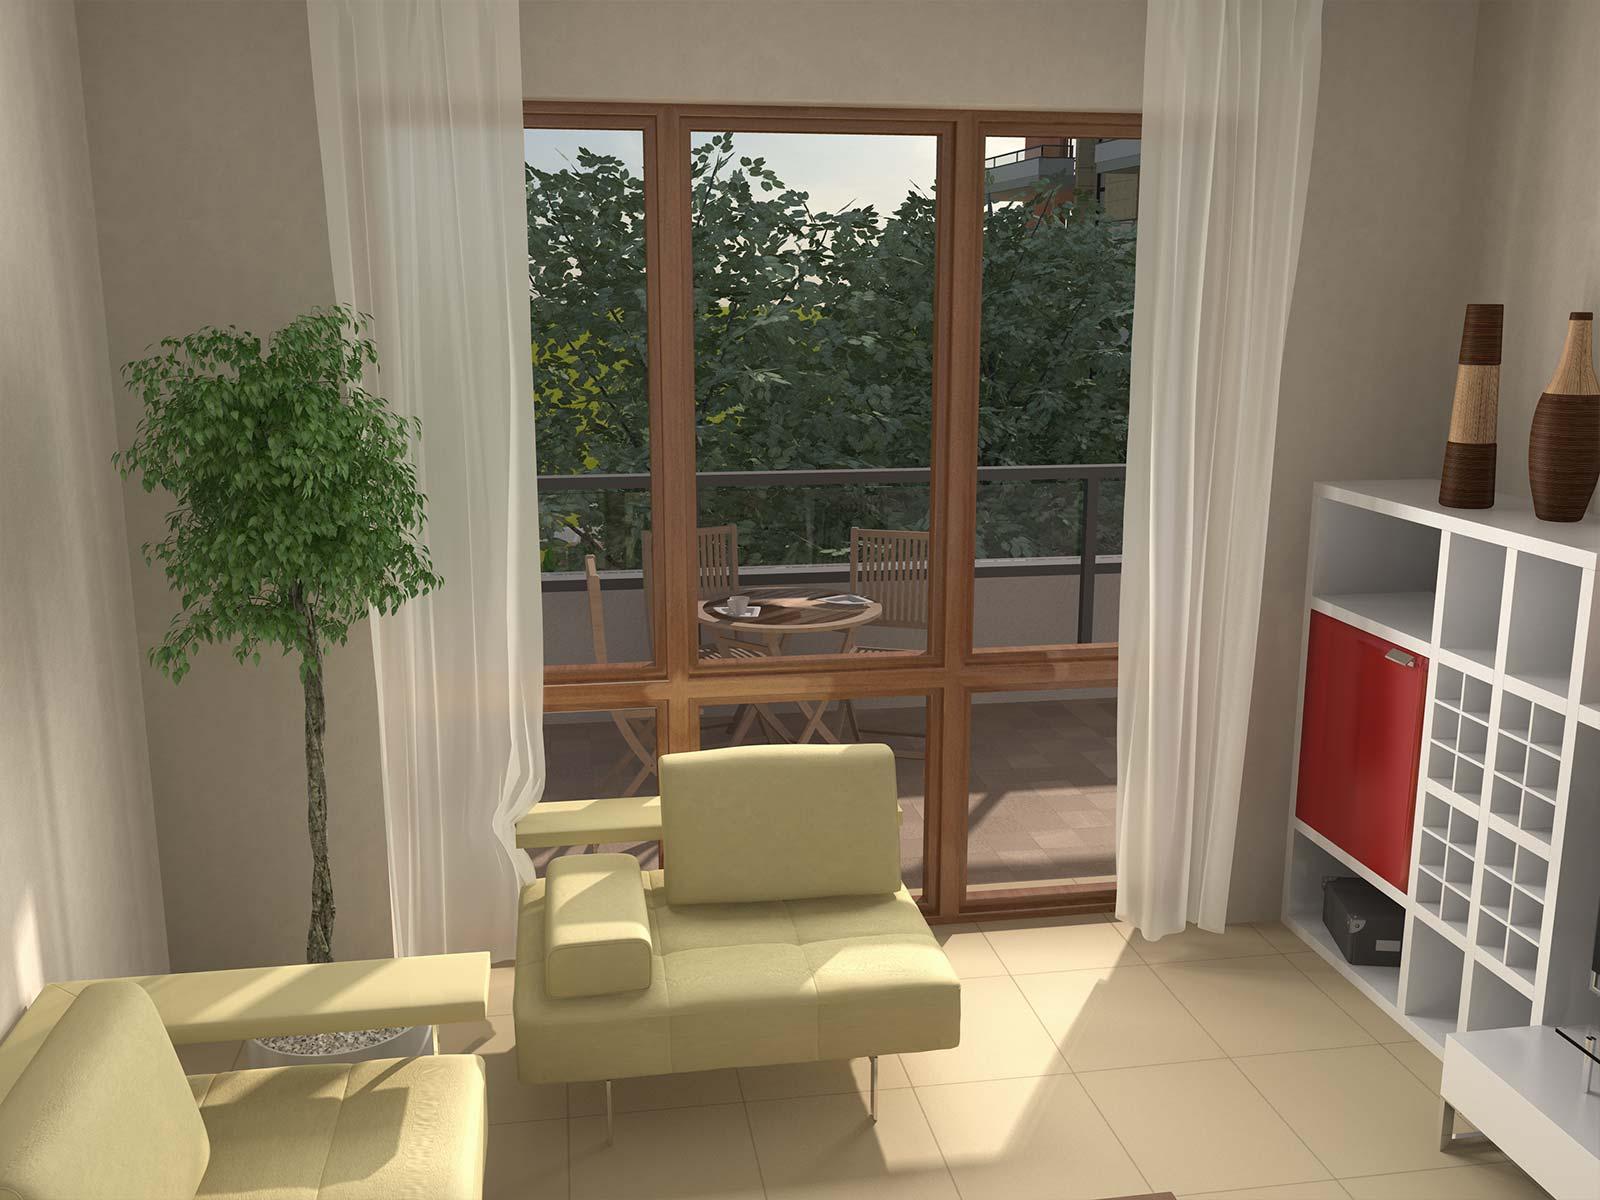 terrazze ripamonti milano interni 01